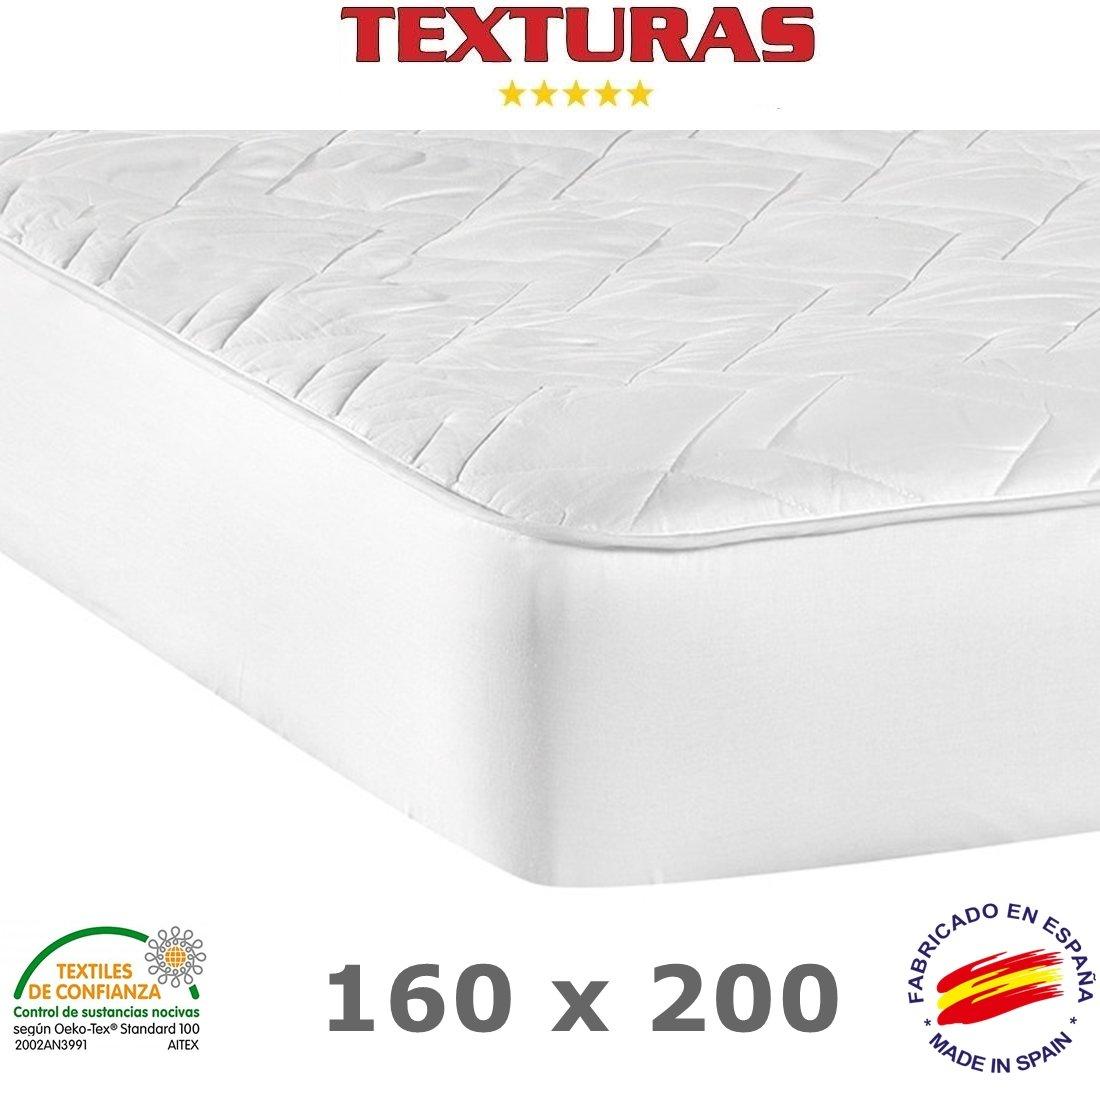 TEXTURAS BASICS - Protector de Colchón ACOLCHADO de microfibra para Hotel y Apartamentos ECONOMY (Varios tamaños disponibles)  (200_x_200_cm): Amazon.es: ...